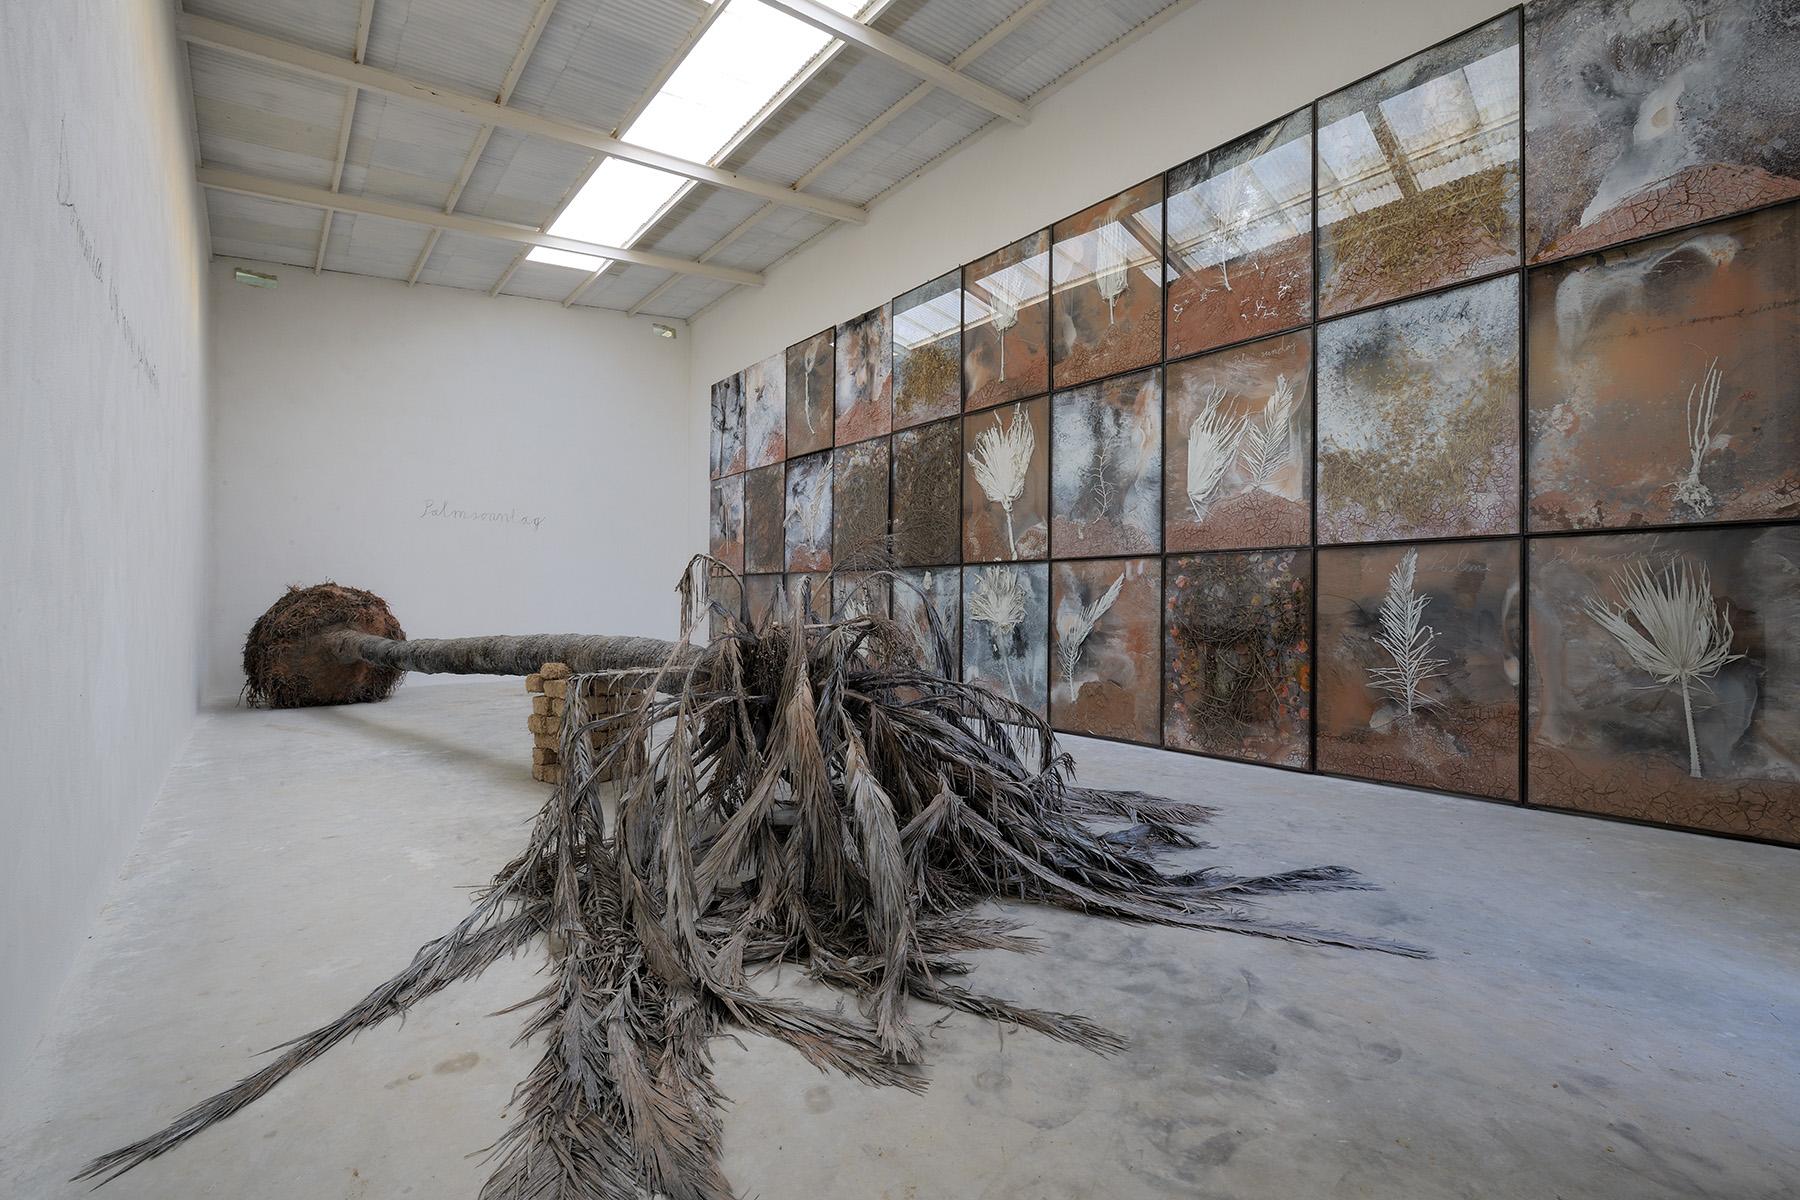 Kunsthalle Mannheim: Erleben Sie die Ausstellung zu Anselm Kiefer online